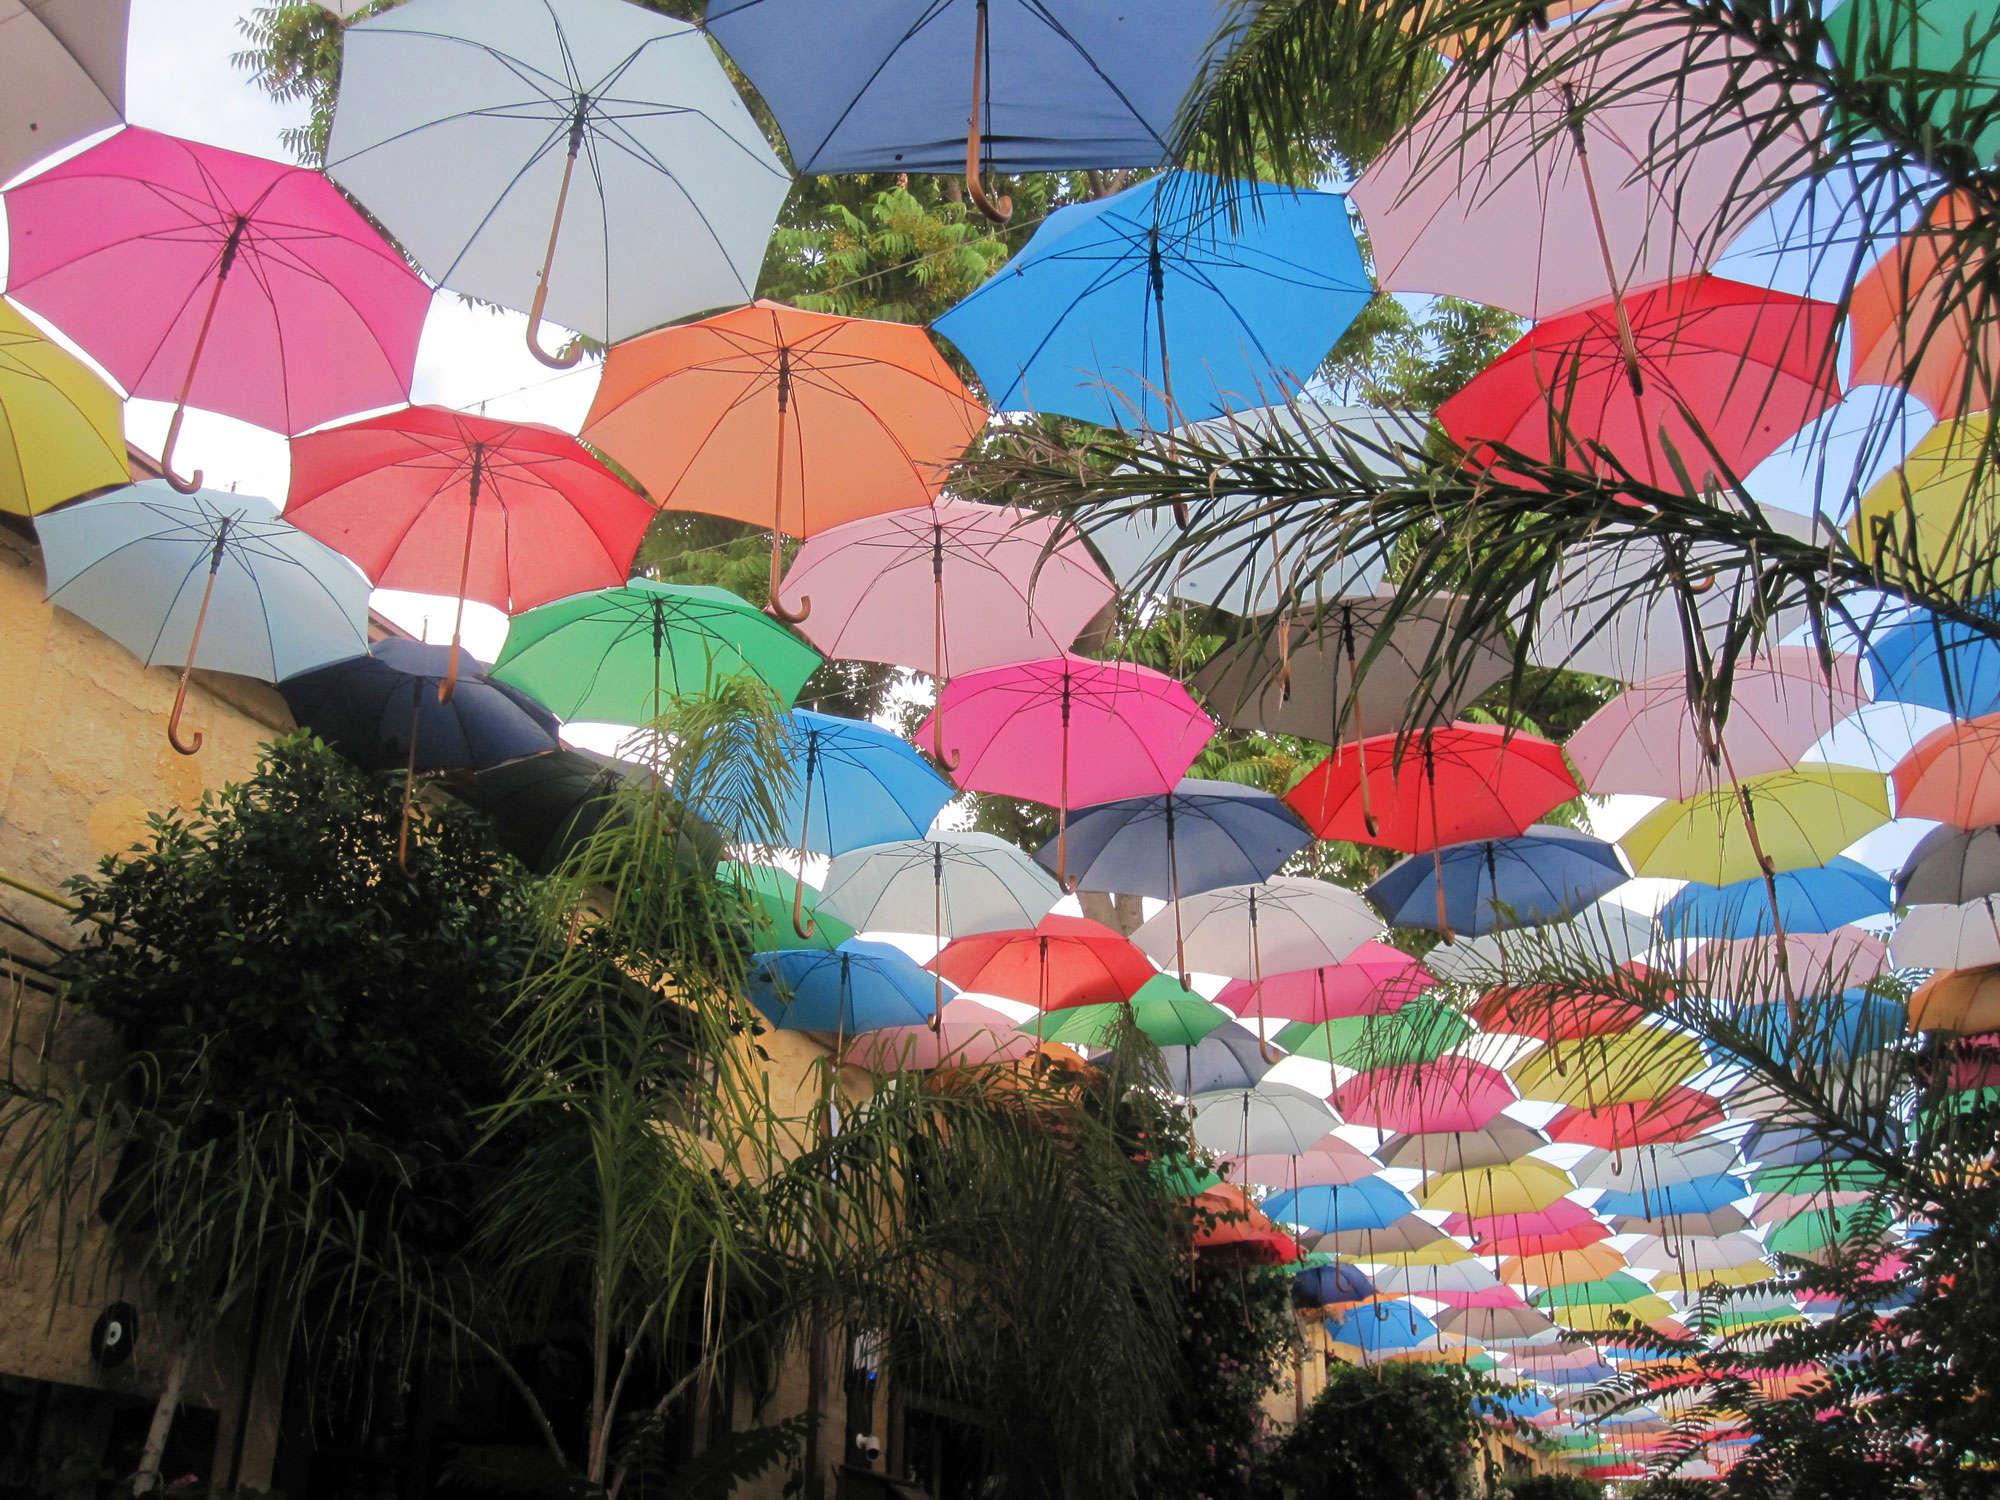 Roof of umbrellas in occupied Nicosia